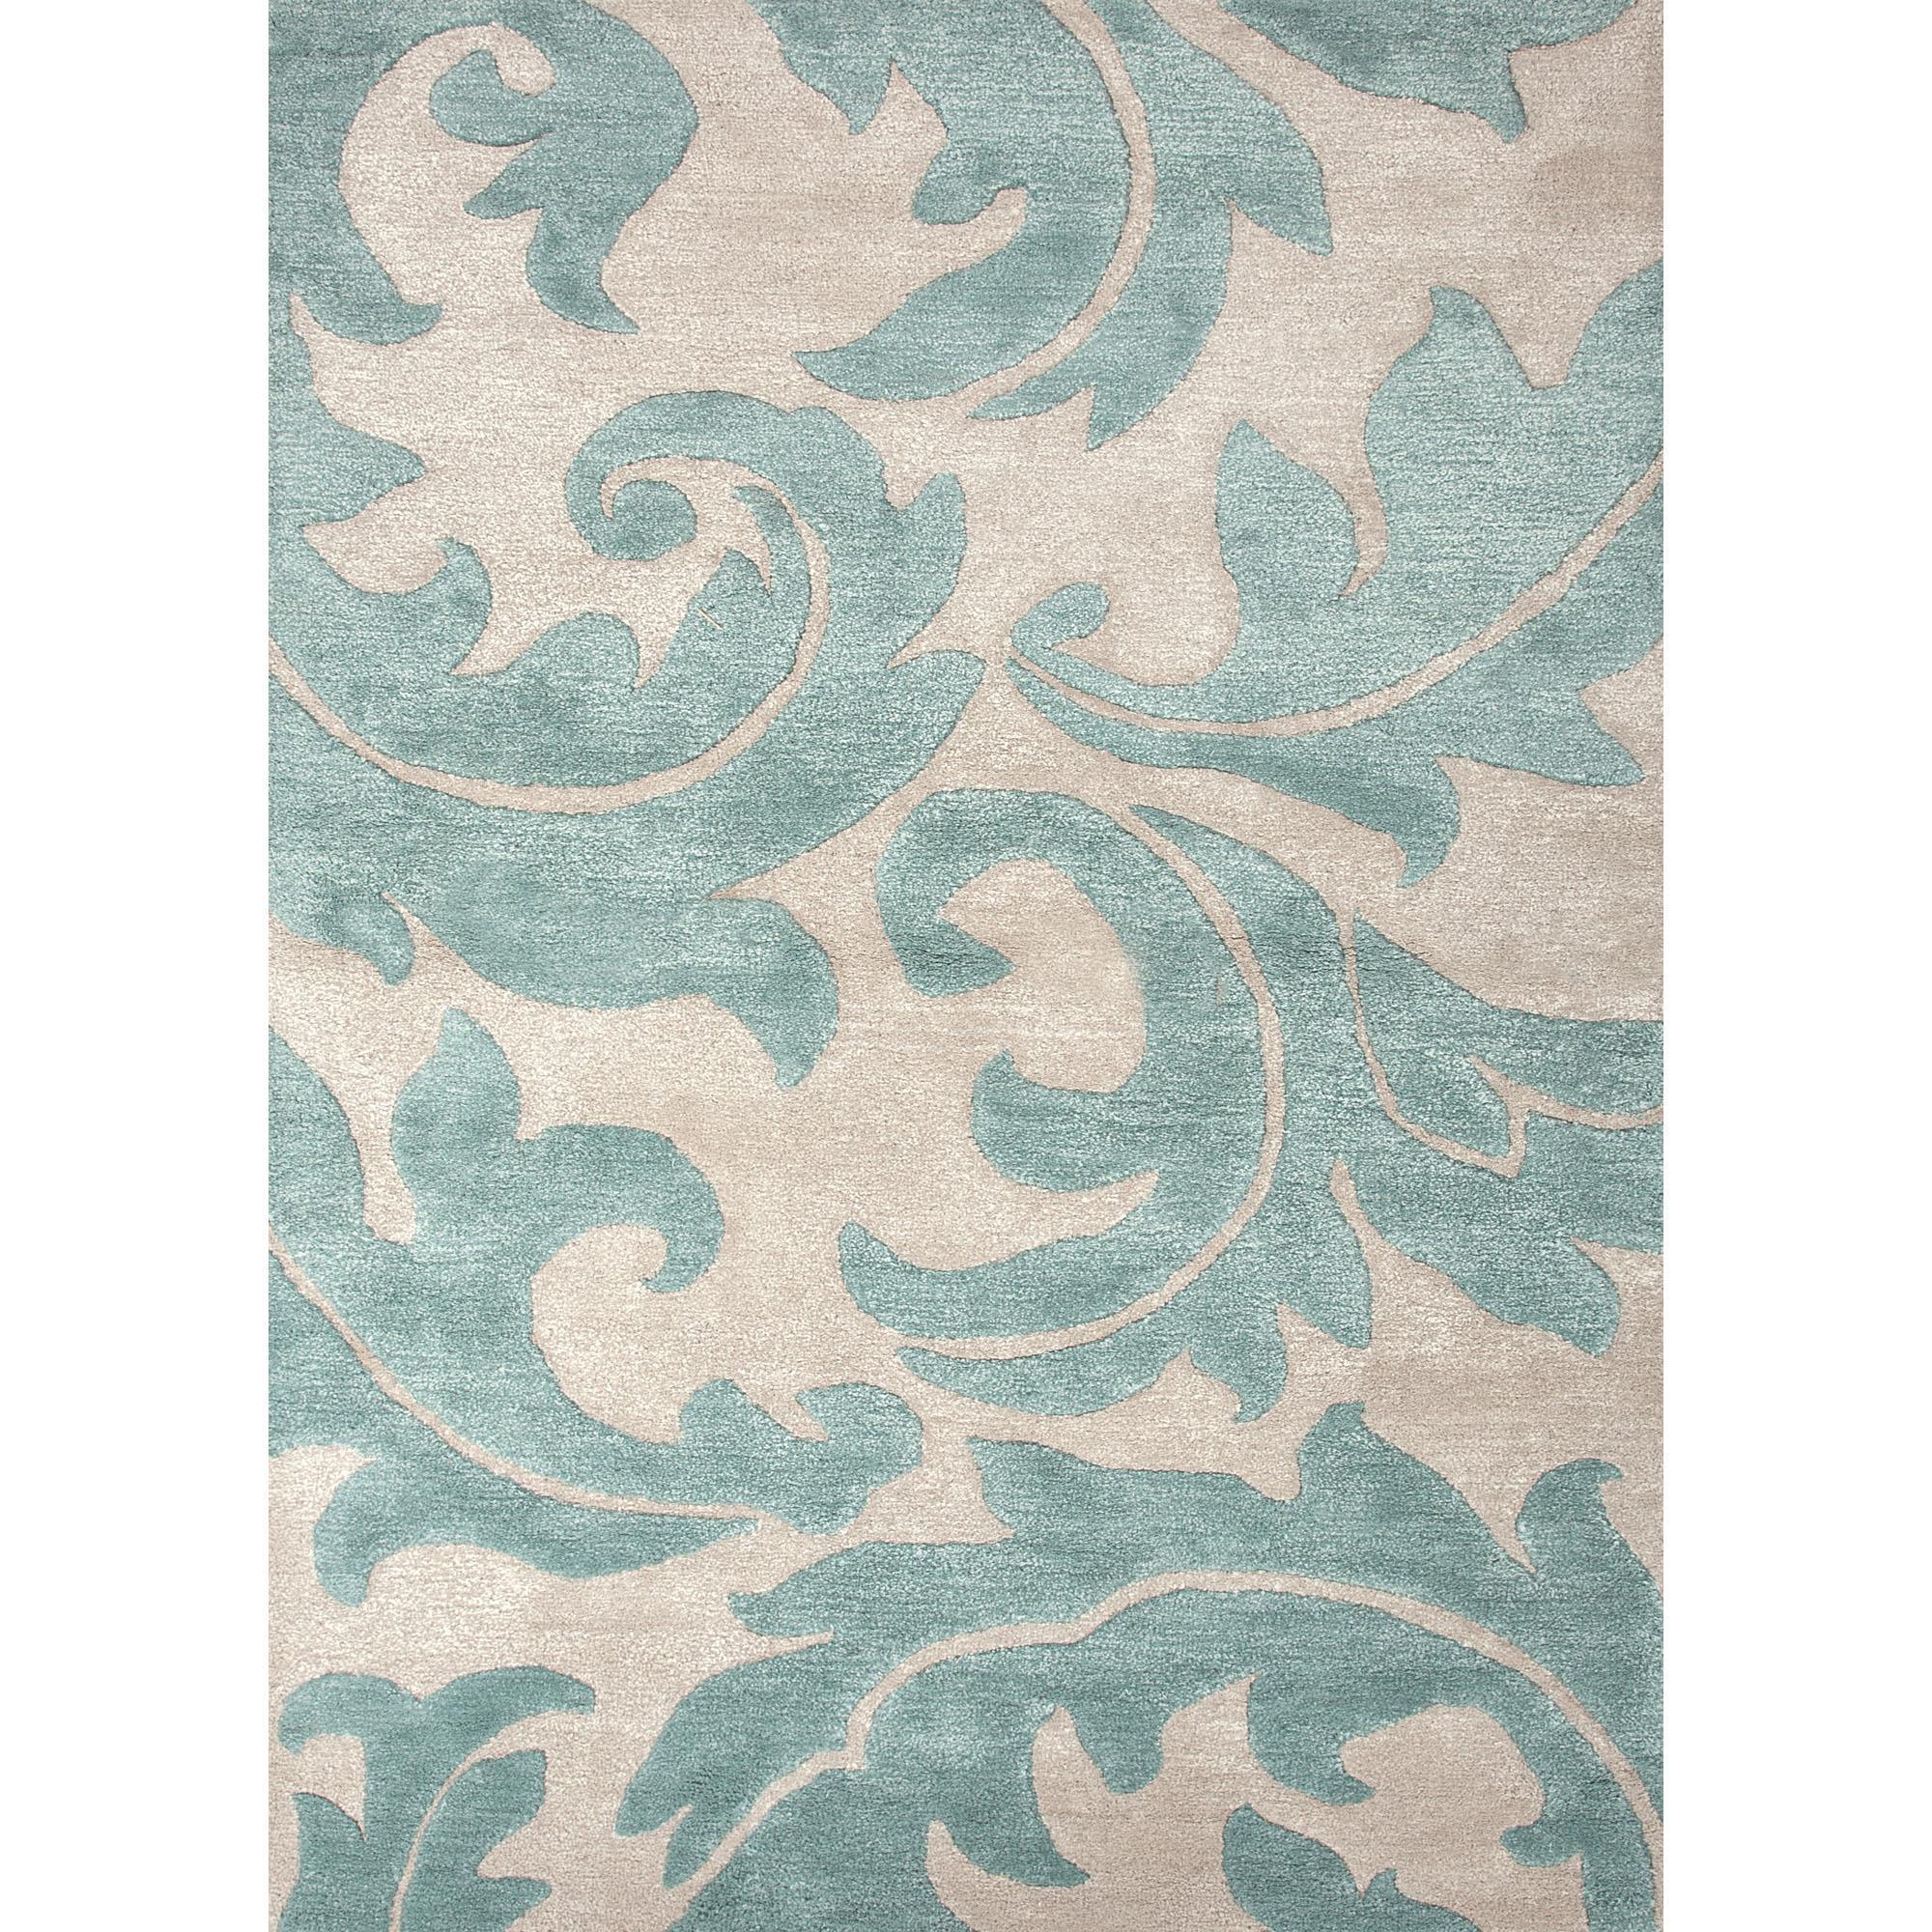 JAIPUR Rugs Blue 2 x 3 Rug - Item Number: RUG100620